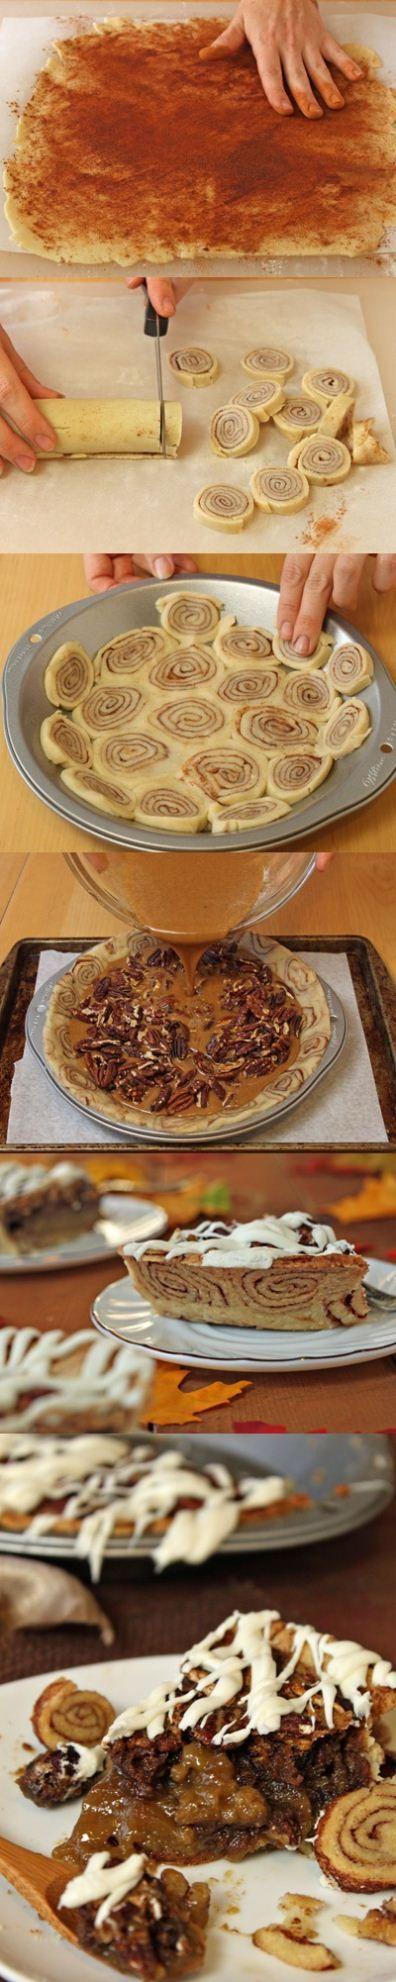 """Idee: Kanelbullar-Torte: Füllung sollte stabil sein und die Torte kann dann """"andersrum"""" serviert werden"""